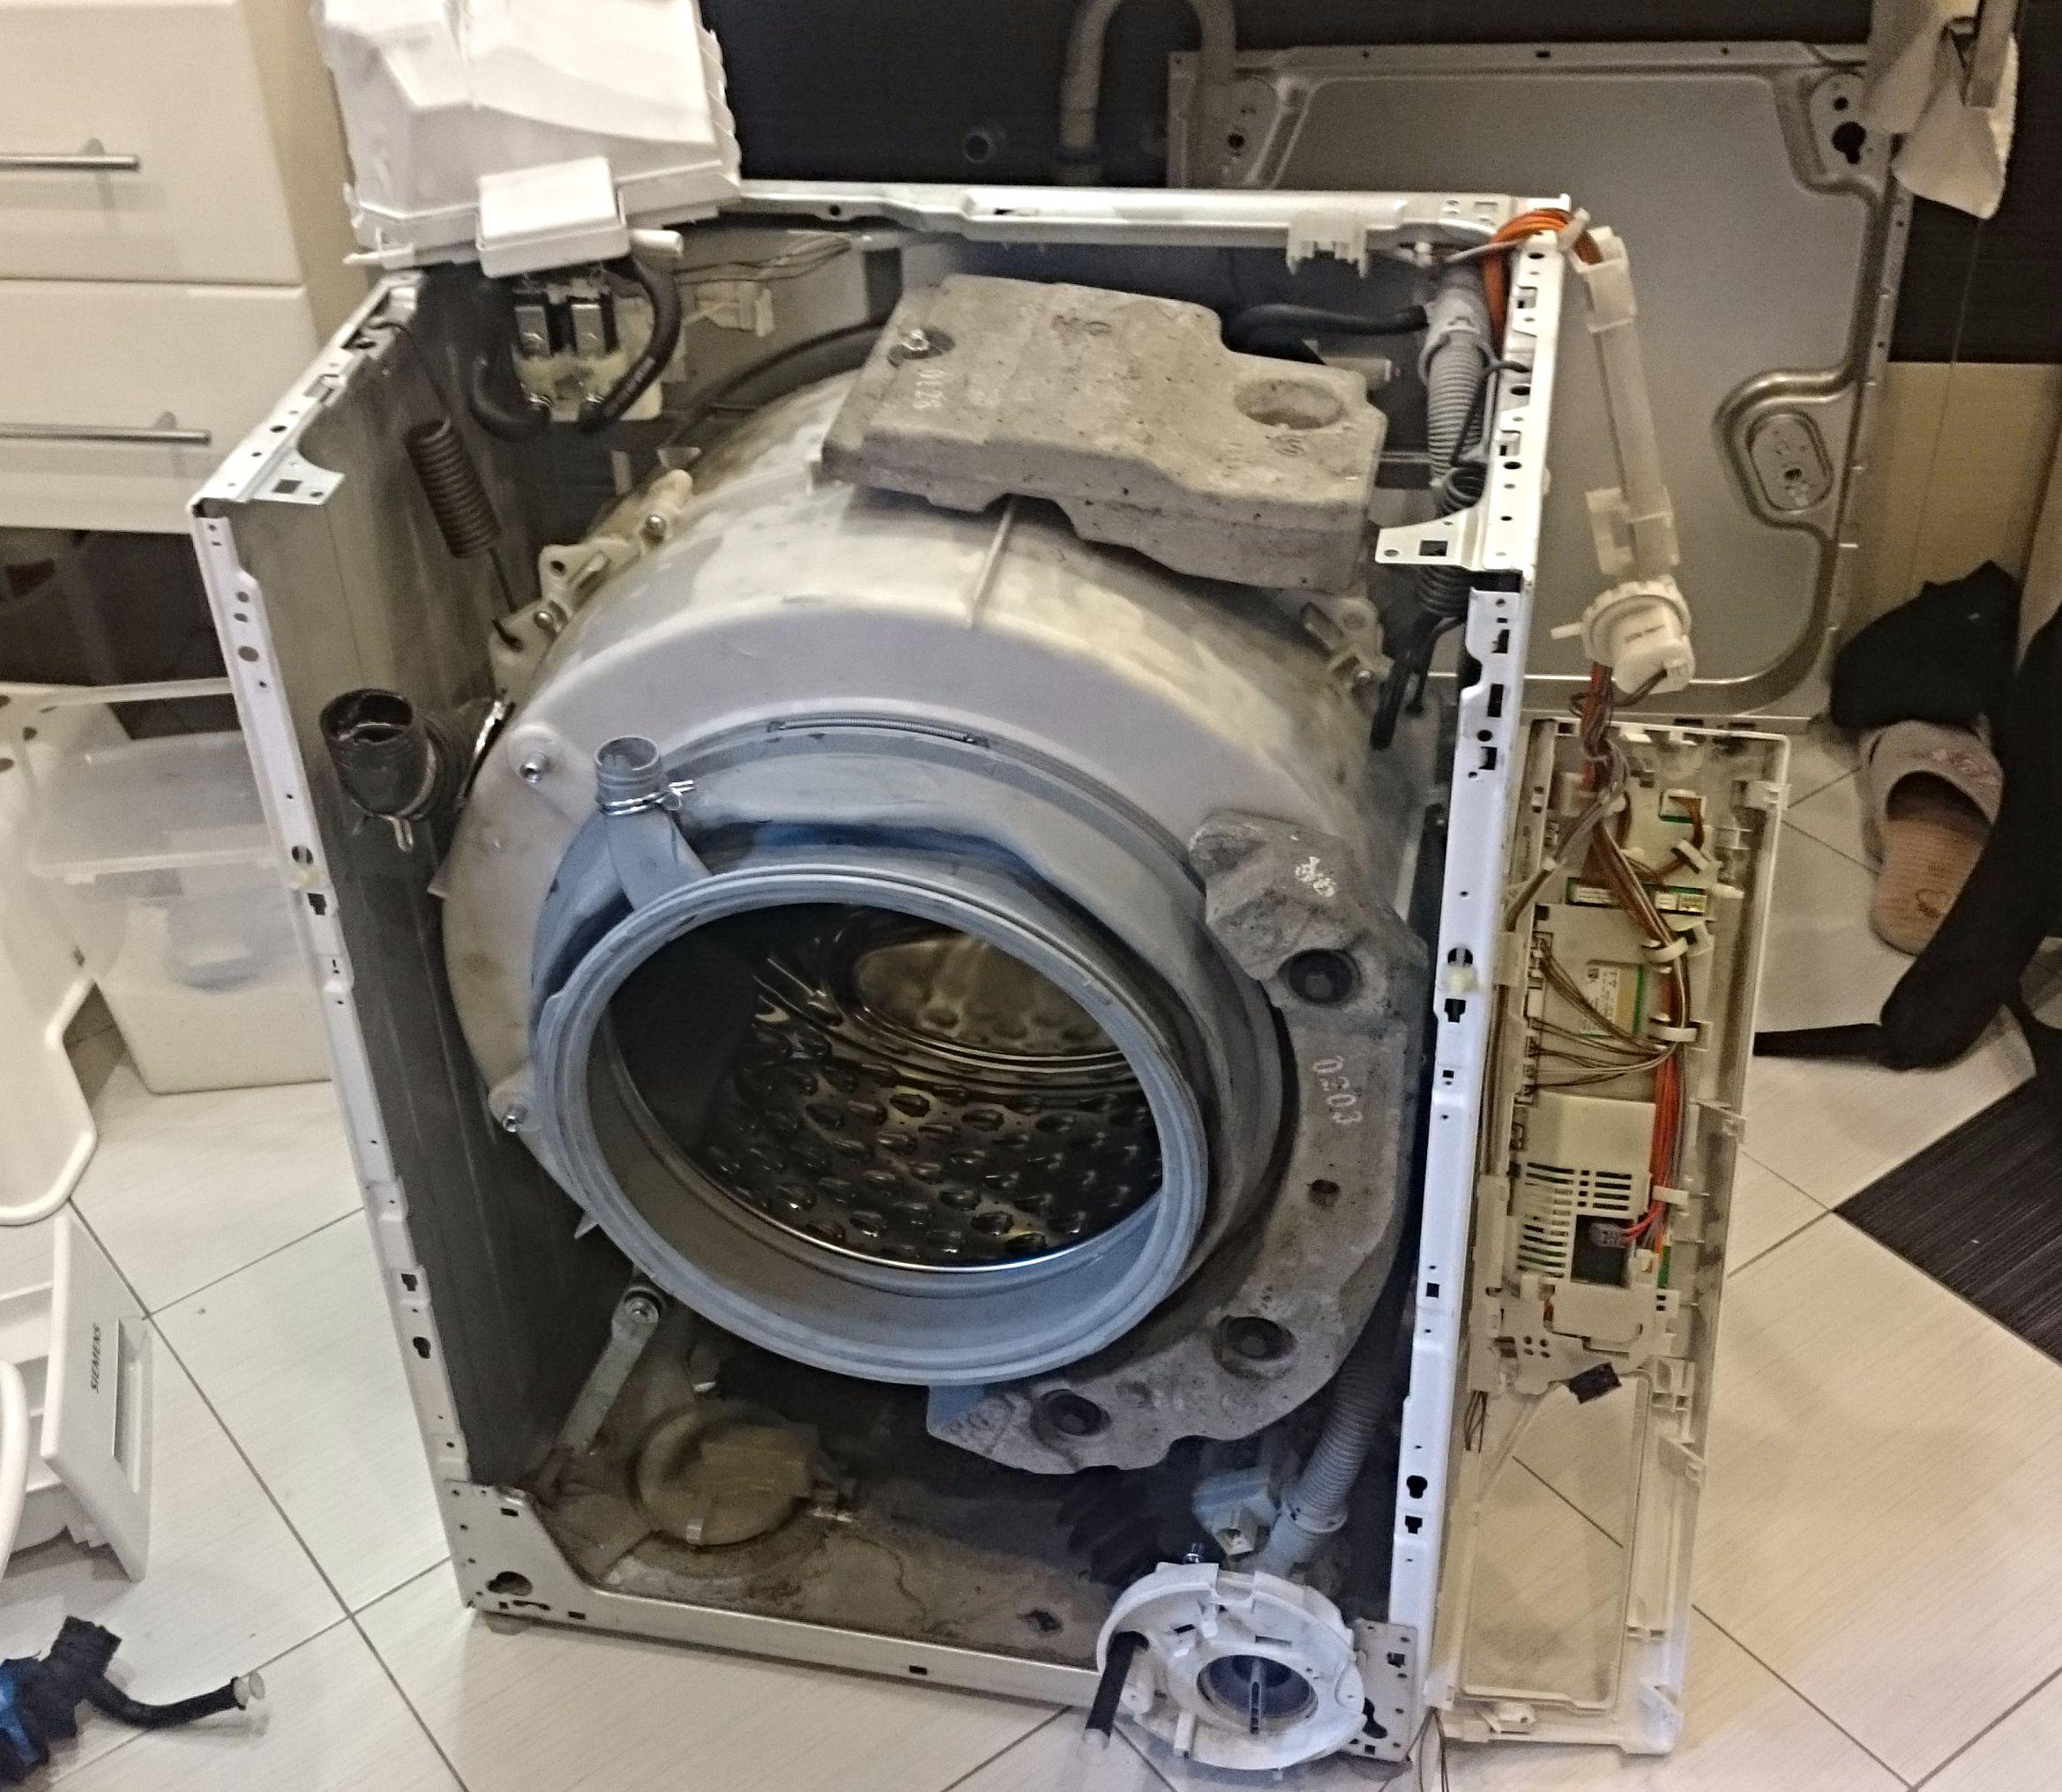 Замена подшипников в стиральной машине Candy Видео на Запорожском портале 28